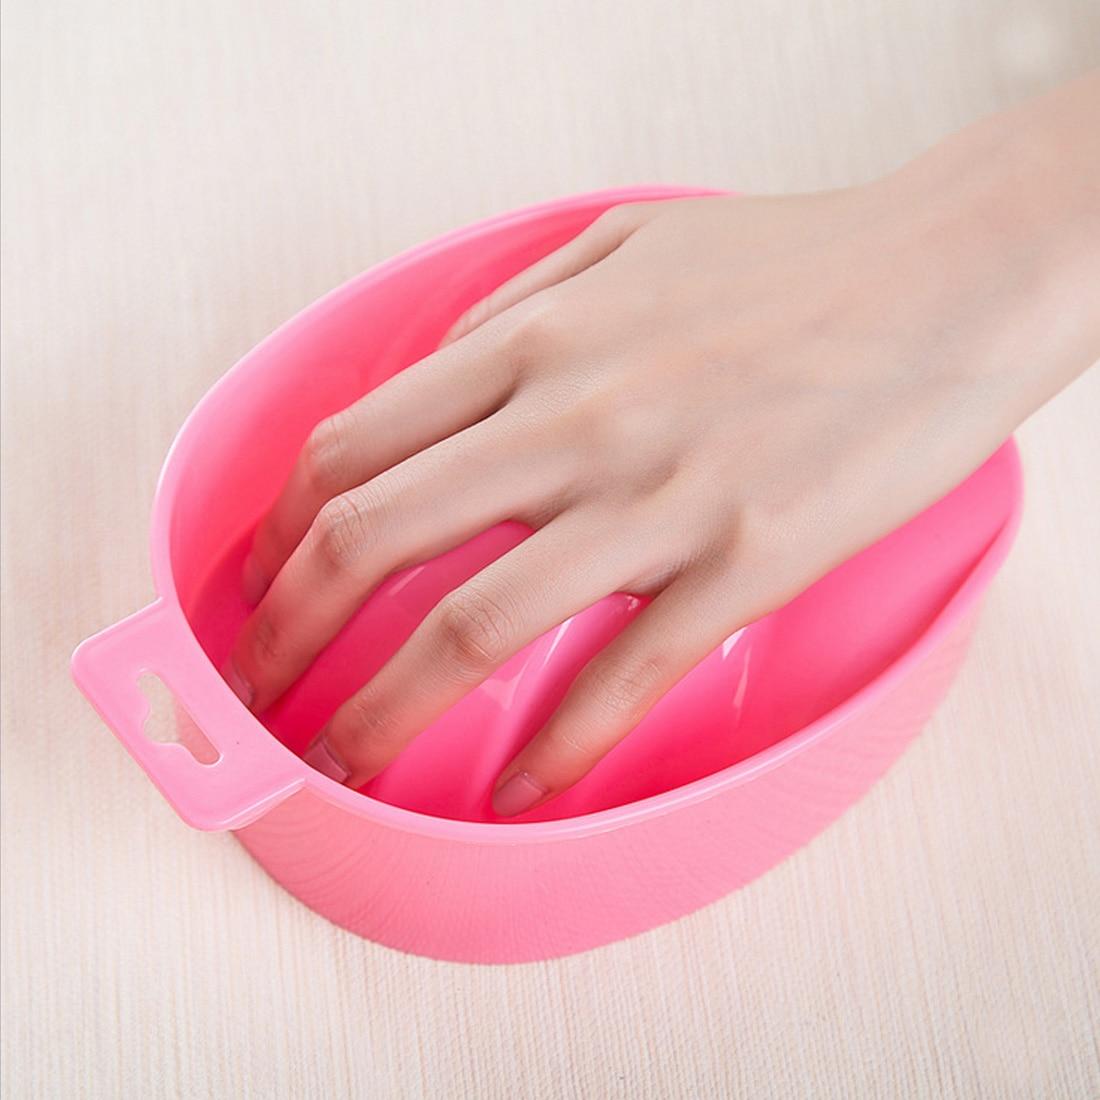 Top Pro 1pc Nail Art Hand Wash Dirty Remover Soak Bowl DIY Salon Nail S